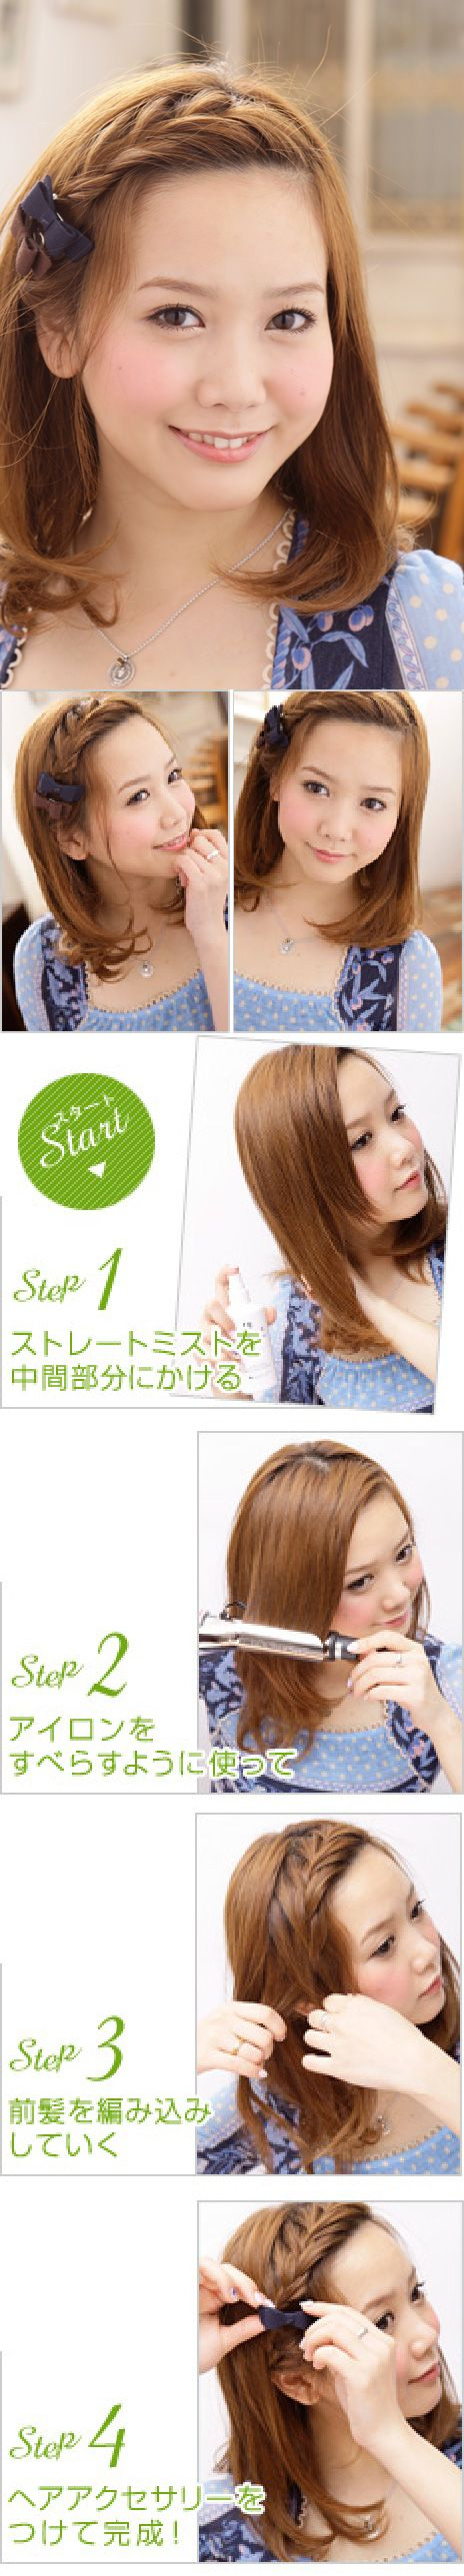 大人可愛い雰囲気の前髪編み込み